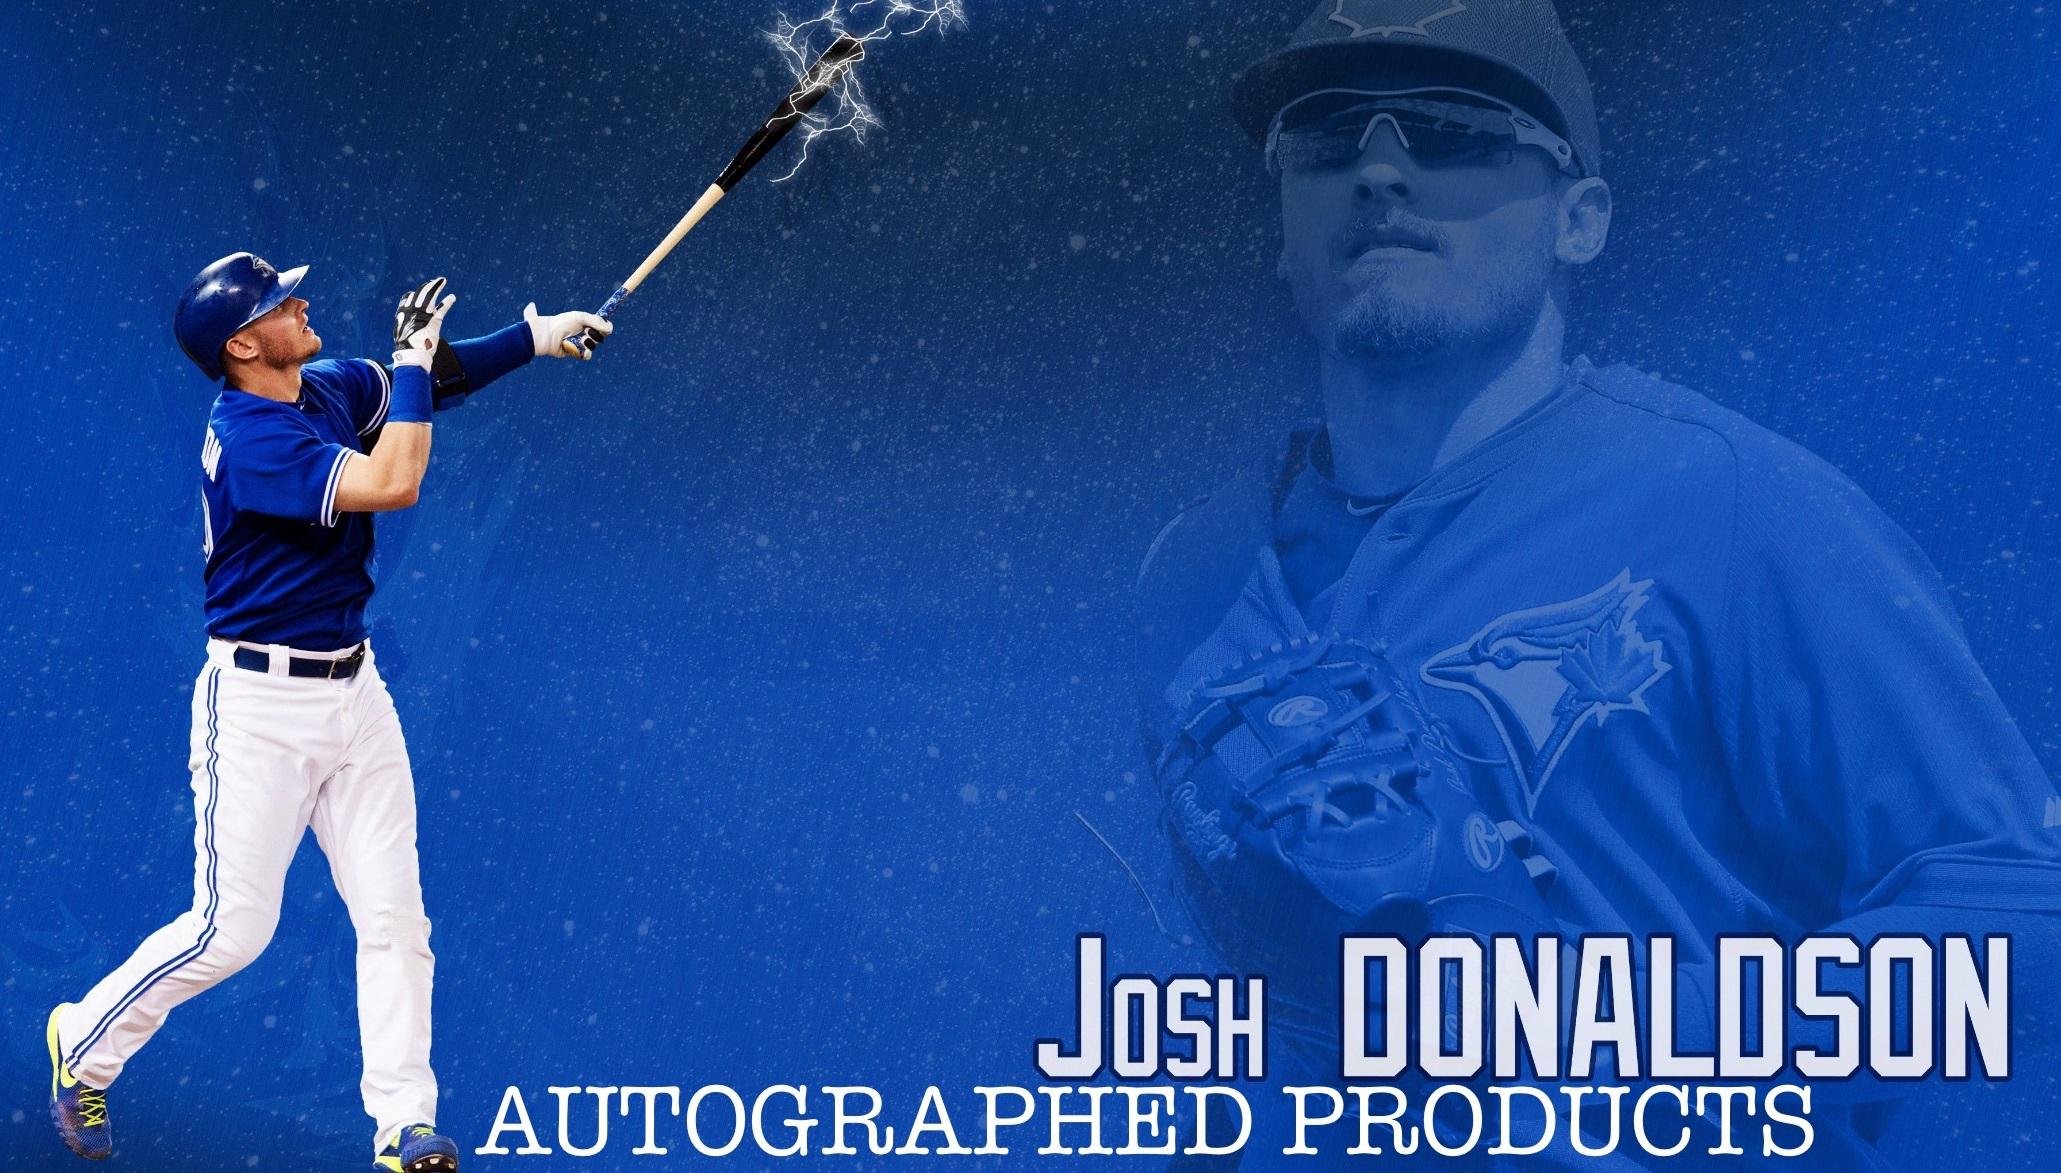 donaldson-website-wallpaper.jpg